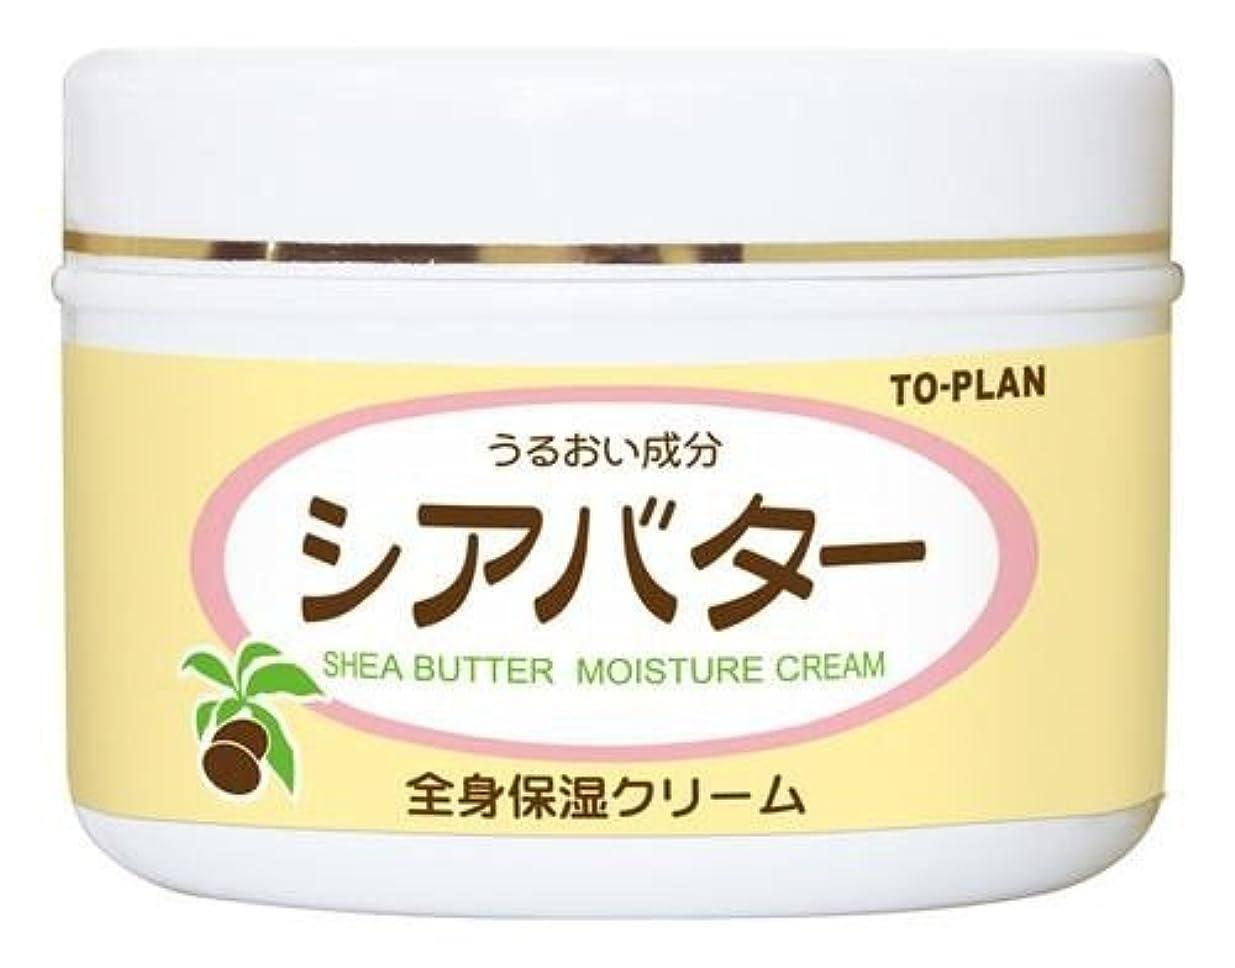 コンパニオン振り子レンダリングTO-PLAN トプラン シアバター 全身保湿クリーム 170g 5個セット